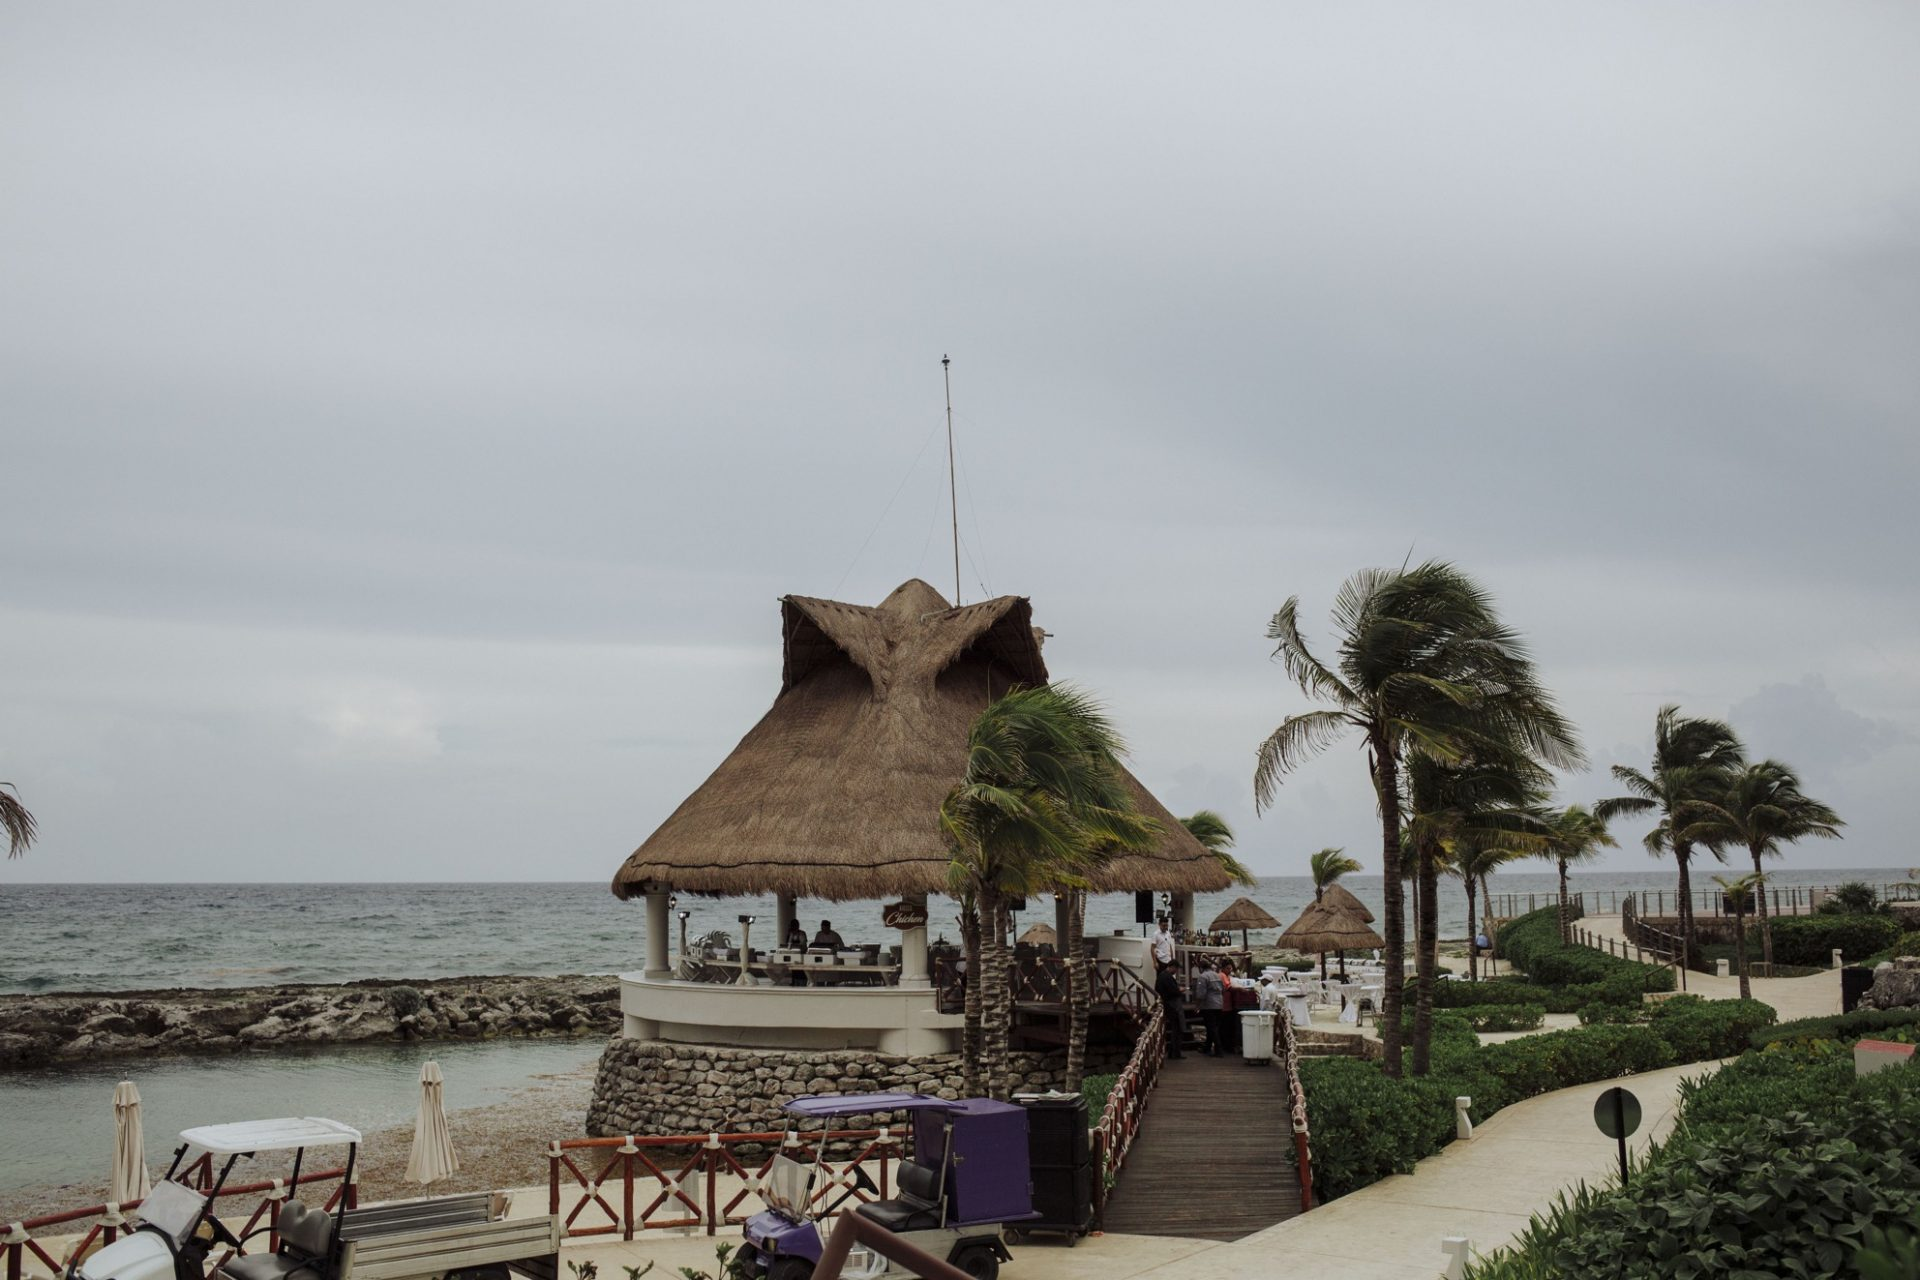 fotografo_bodas_profesional_zacatecas_riviera_maya_cancun-16